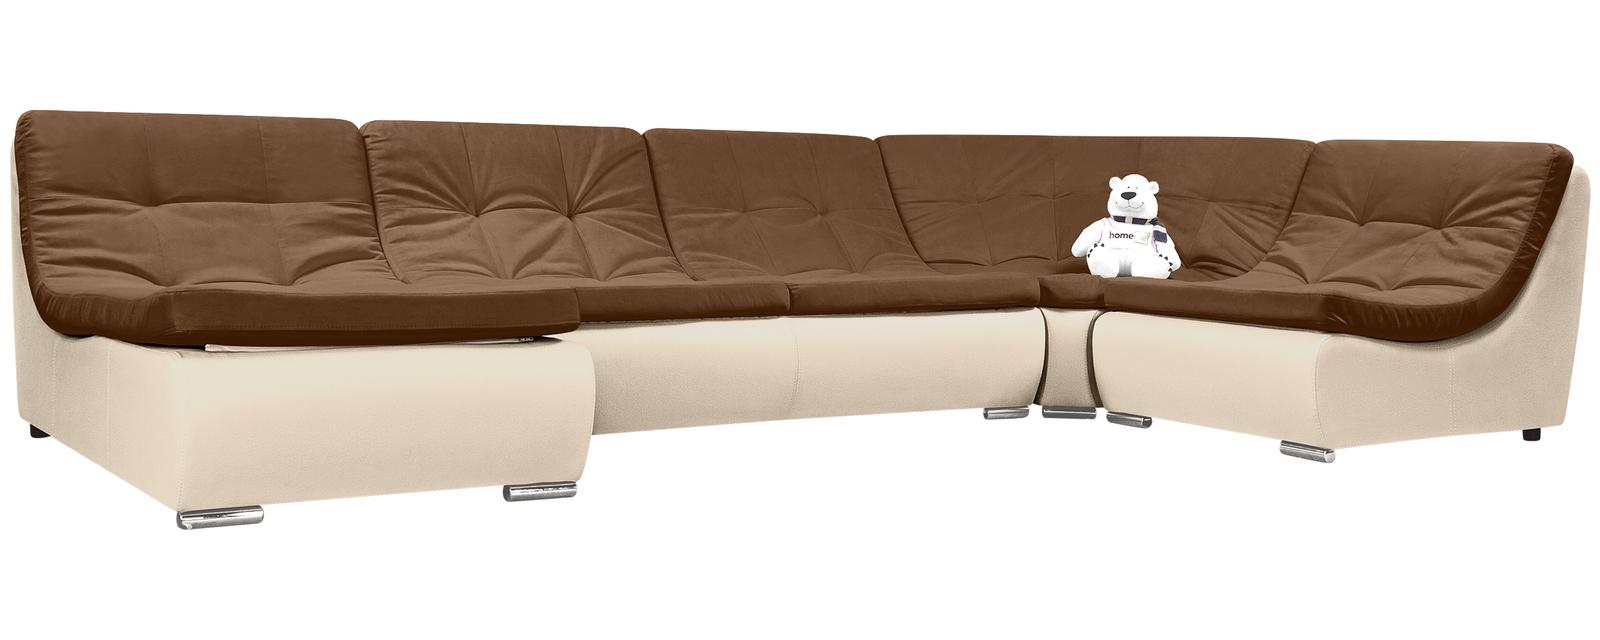 Купить Модульный диван Лос-Анджелес Velure коричневый Вариант 2 (Велюр + Экокожа), HomeMe, Бежевый